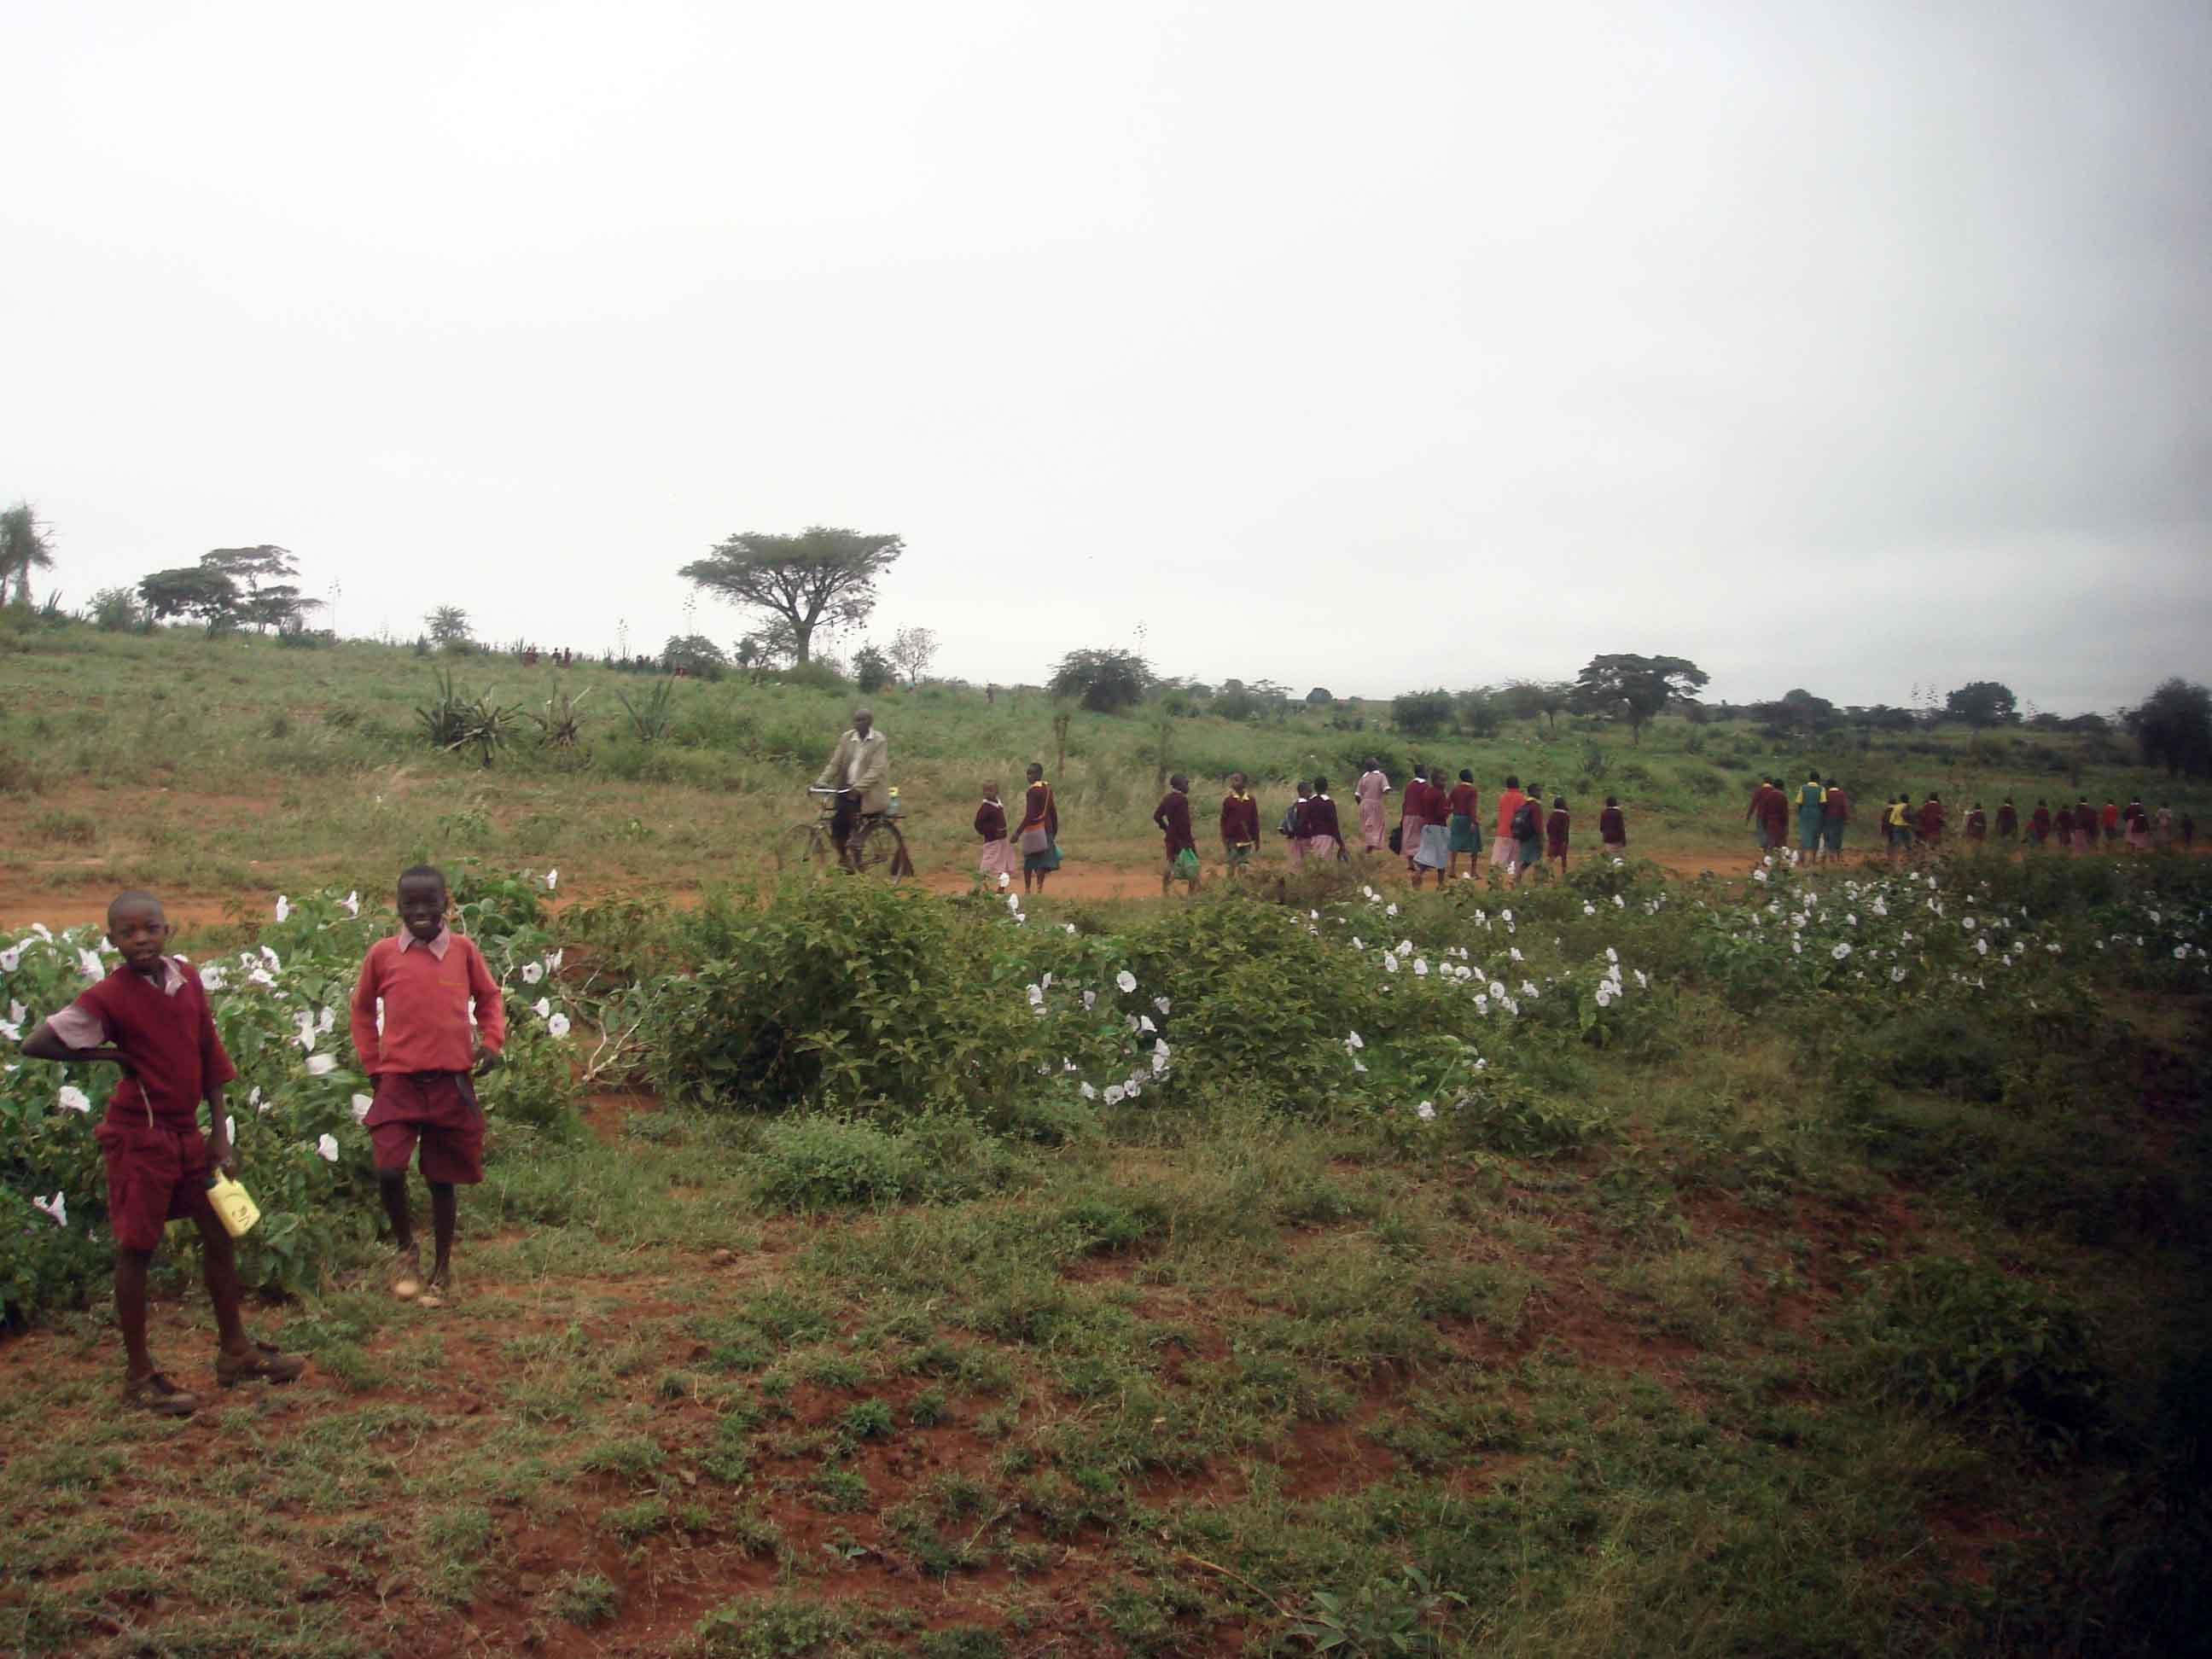 肯尼亚的内罗毕和蒙巴萨